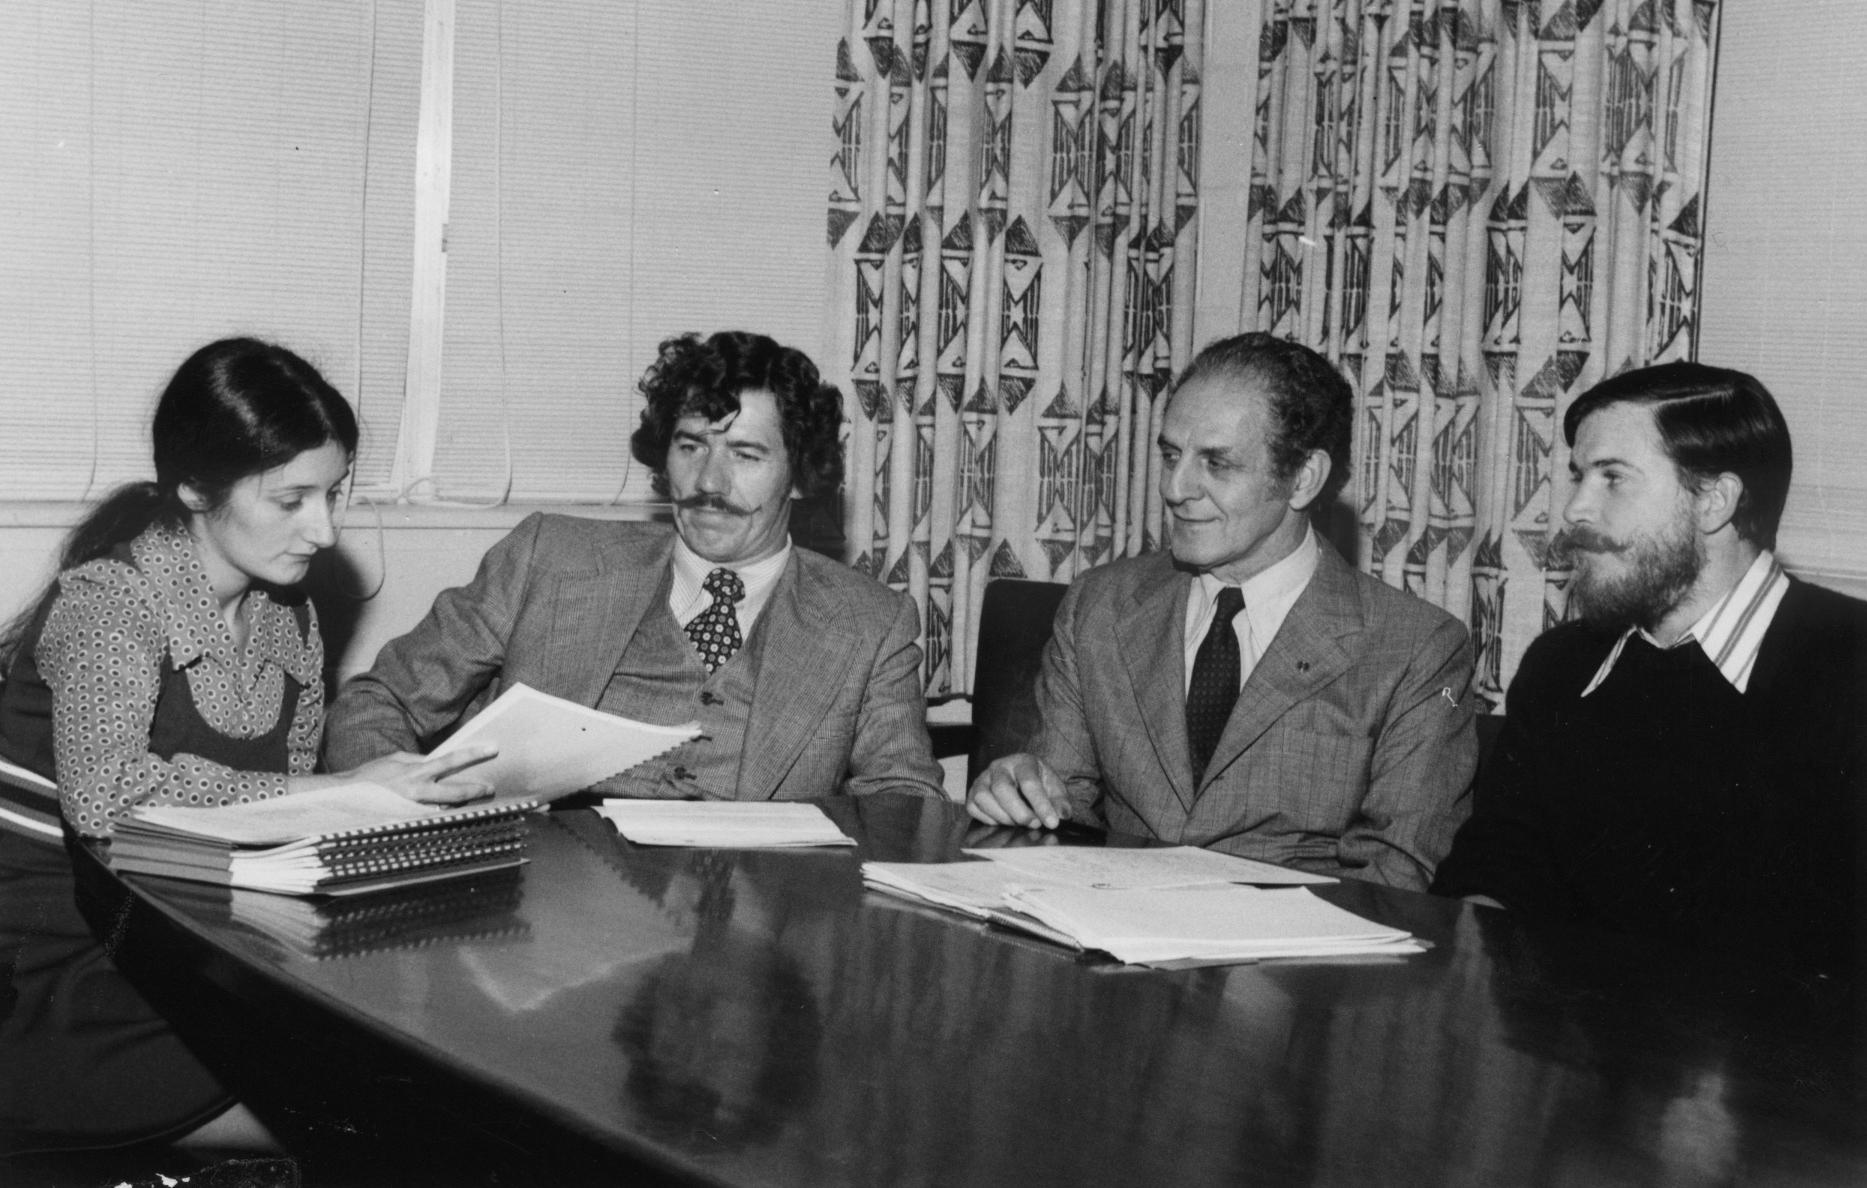 Real estate intern meeting, 1974.